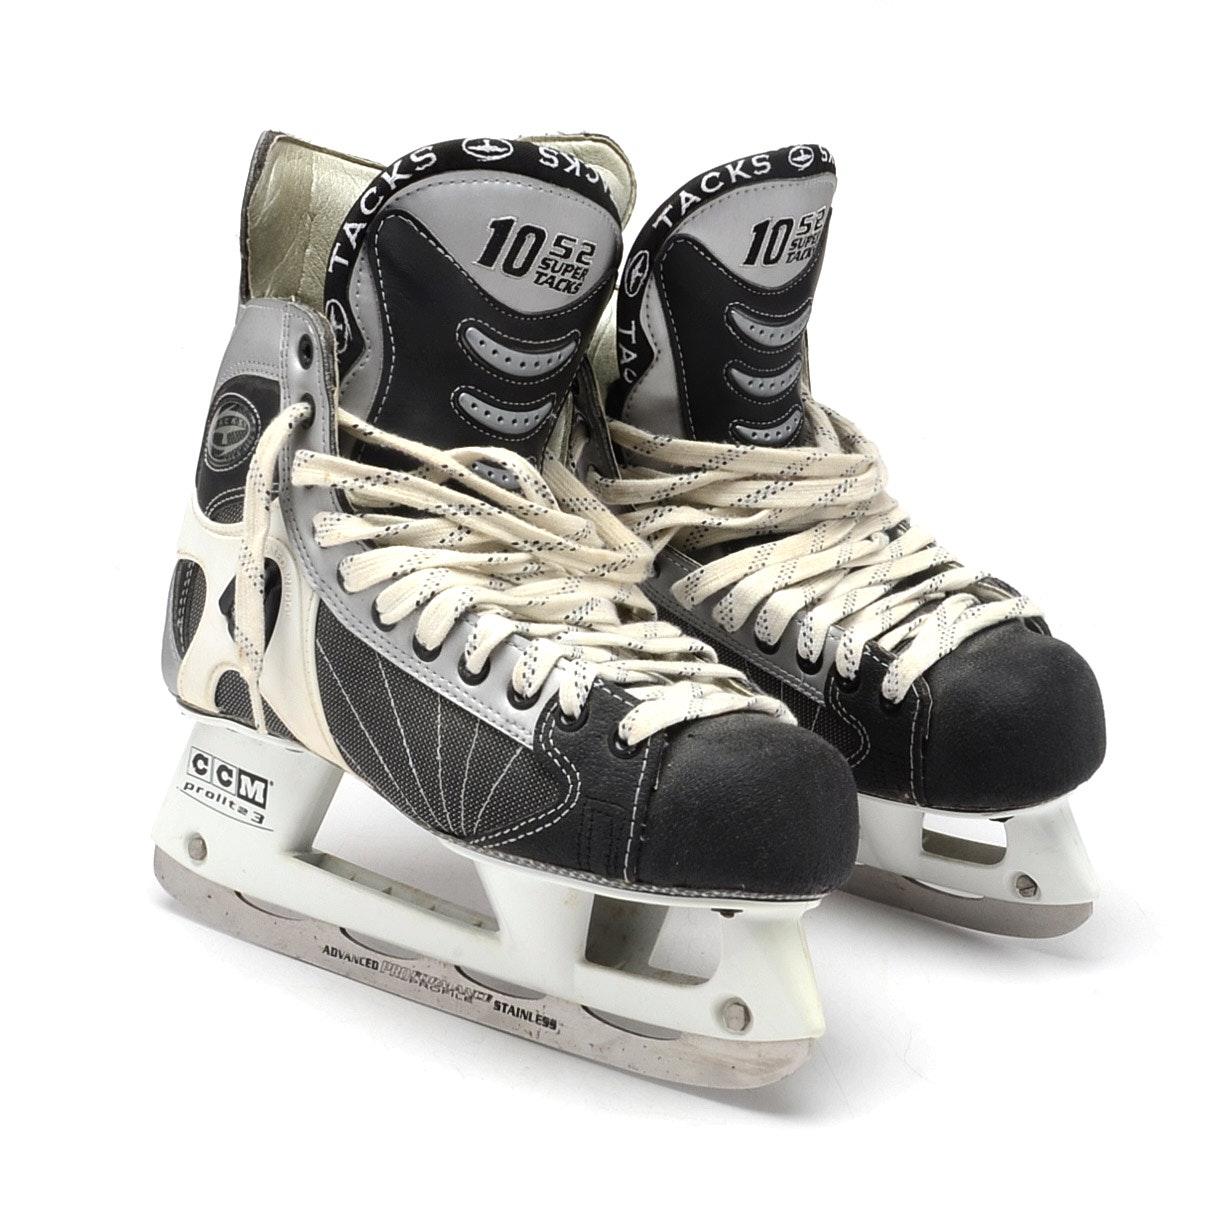 CCM 1052 Super Tacks Hockey Skates Size 8.5